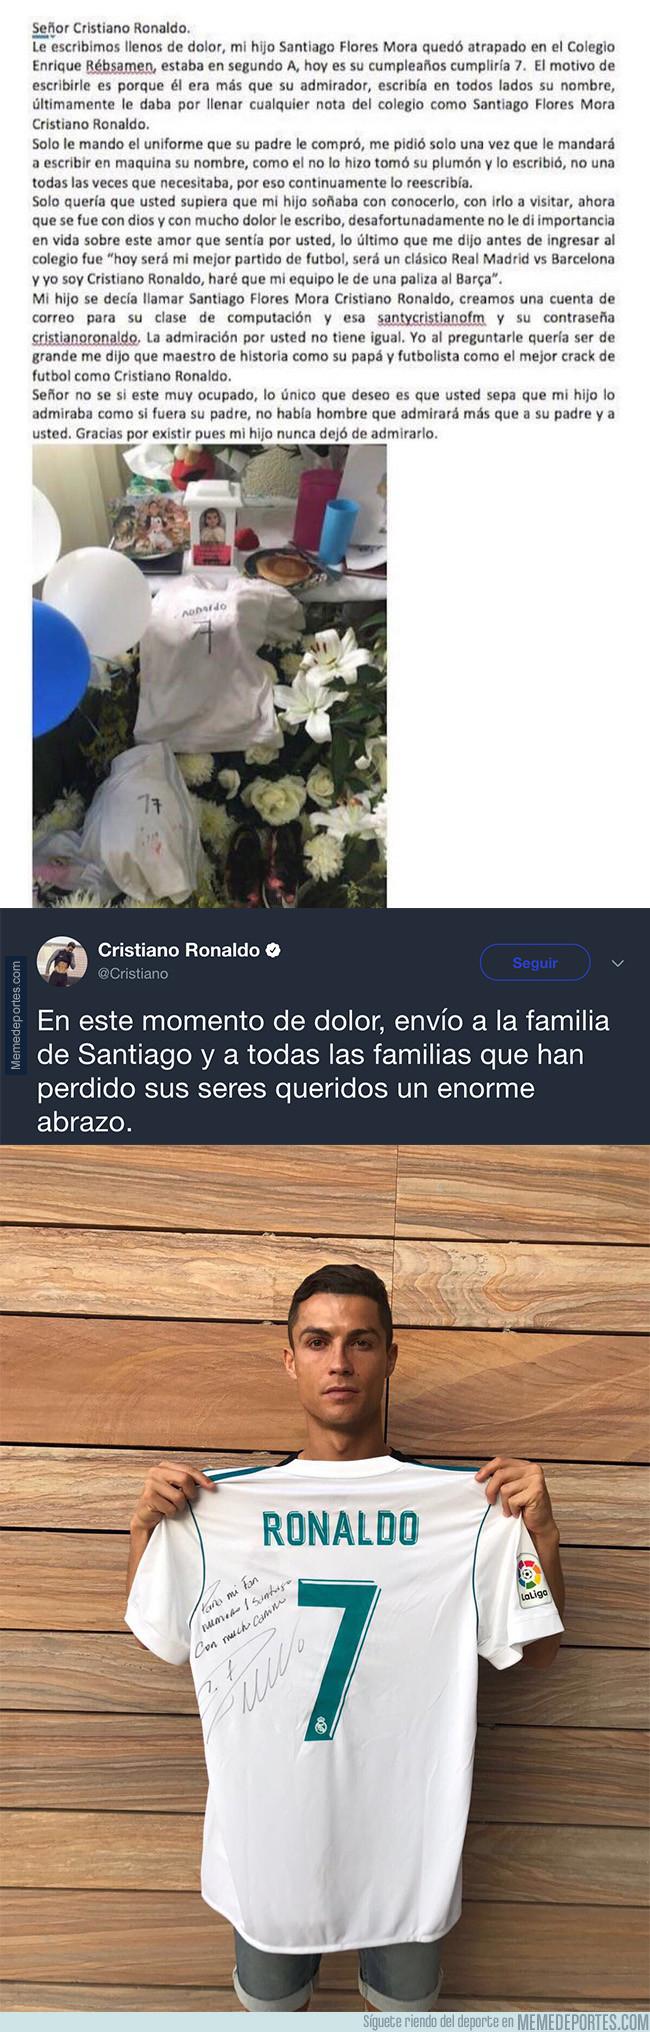 1000855 - Santiago murió en un edifició de México por el terremoto y Cristiano ha tenido este detallazo con su